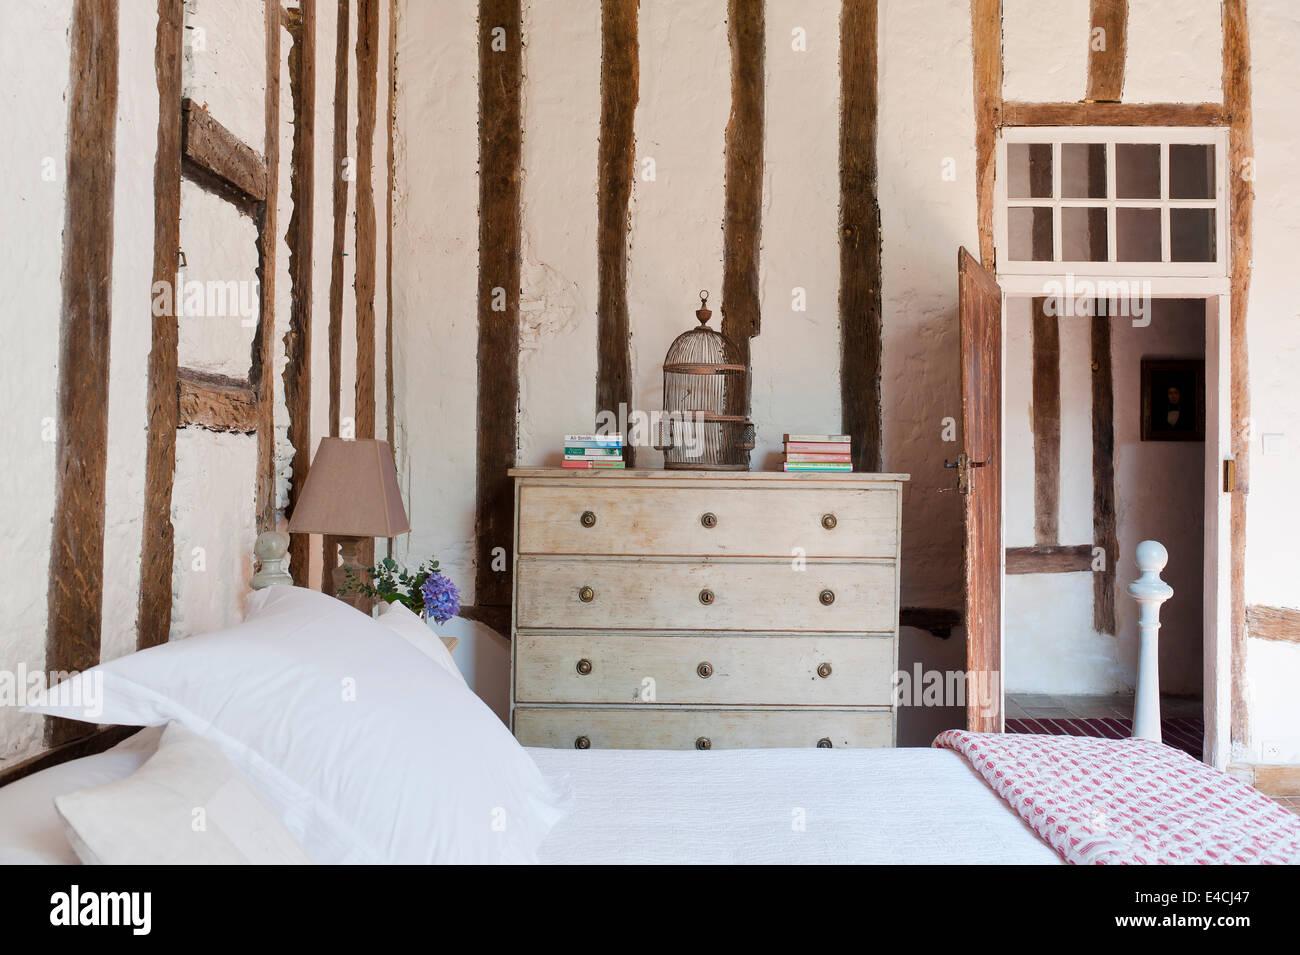 Letto Con Cassettiera : La struttura di legno pareti con resa infill in camera da letto con